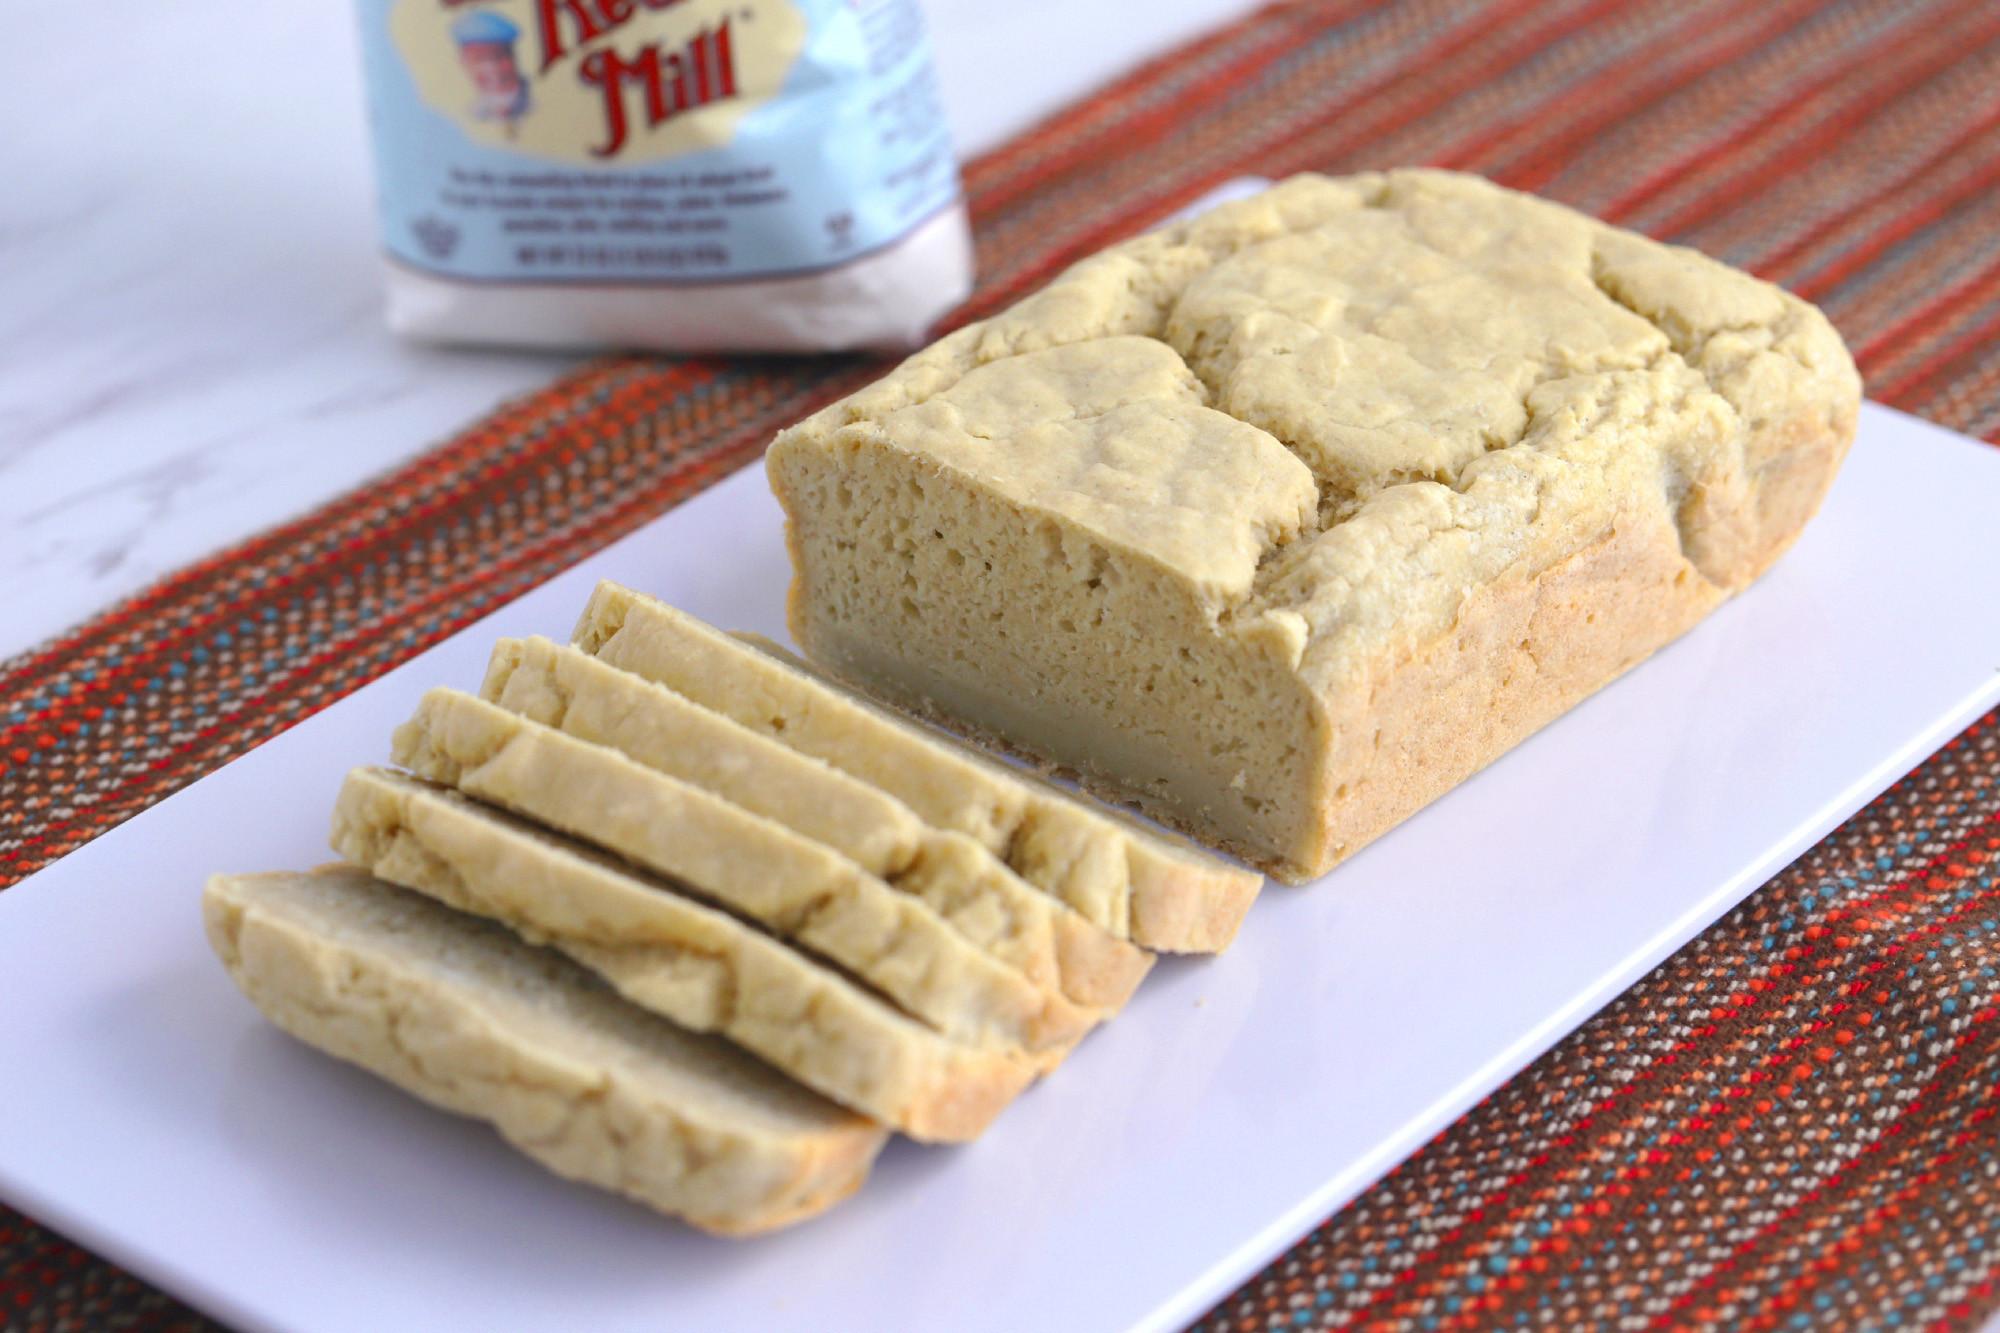 Gluten Free Bread Machine Recipes Glutenfree  Easy Gluten Free Bread Recipe Without Yeast & NO Bread